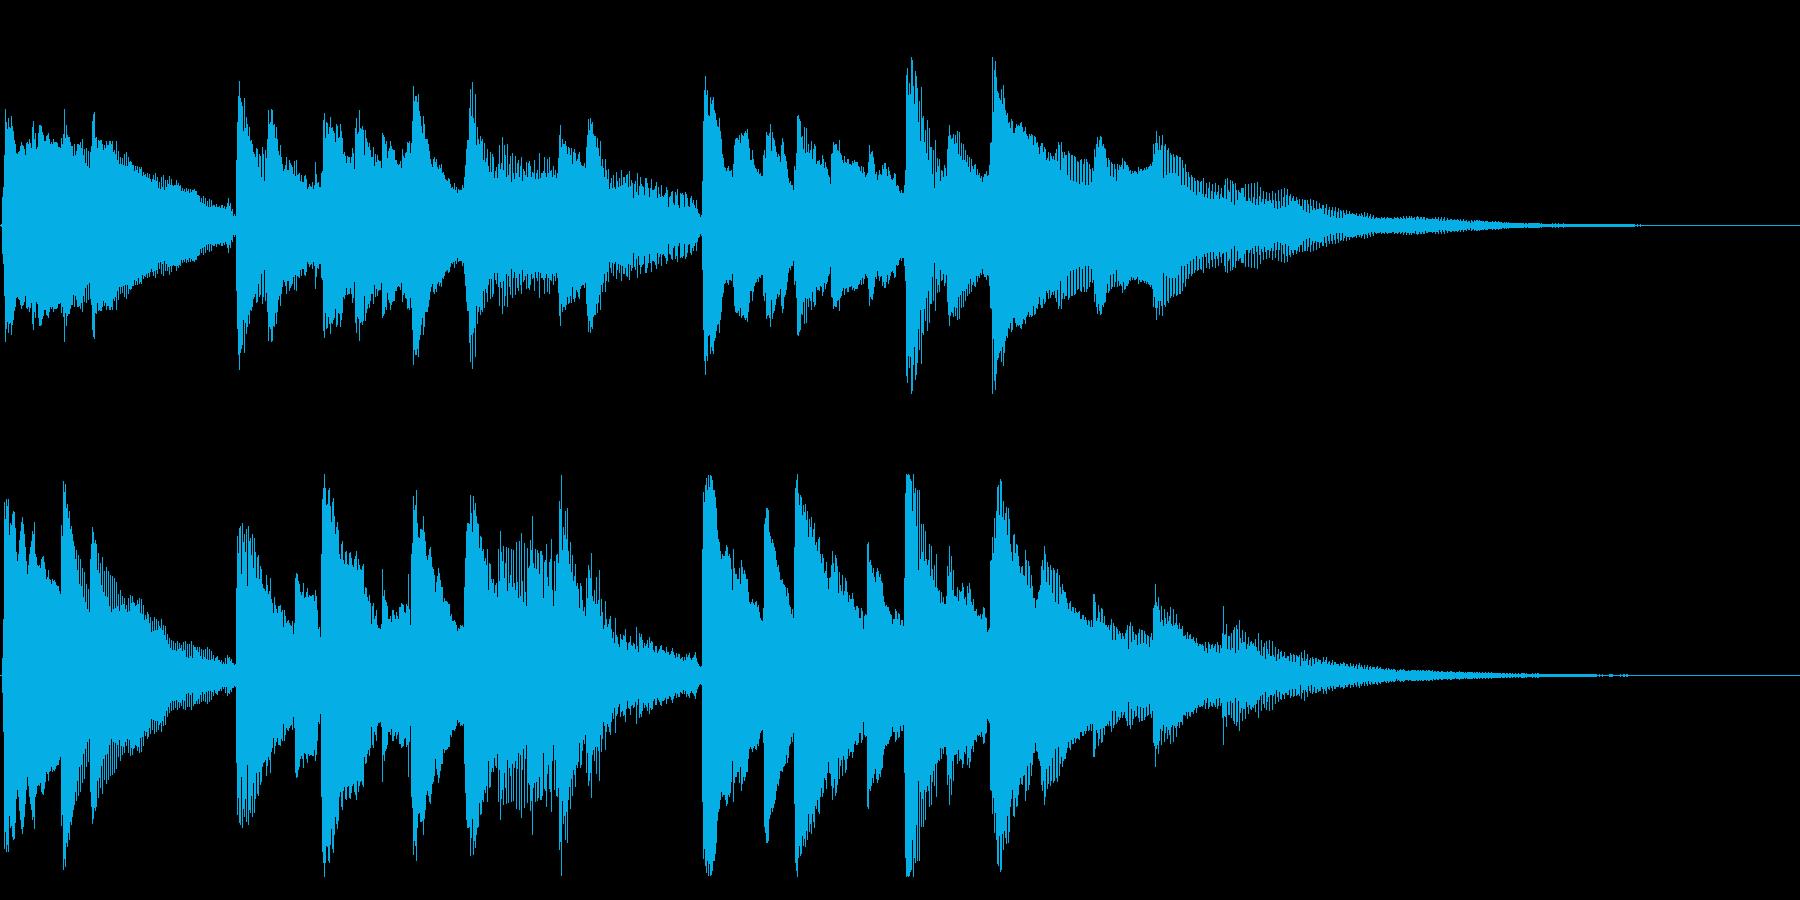 前向きで明るくキャッチーなピアノジングルの再生済みの波形